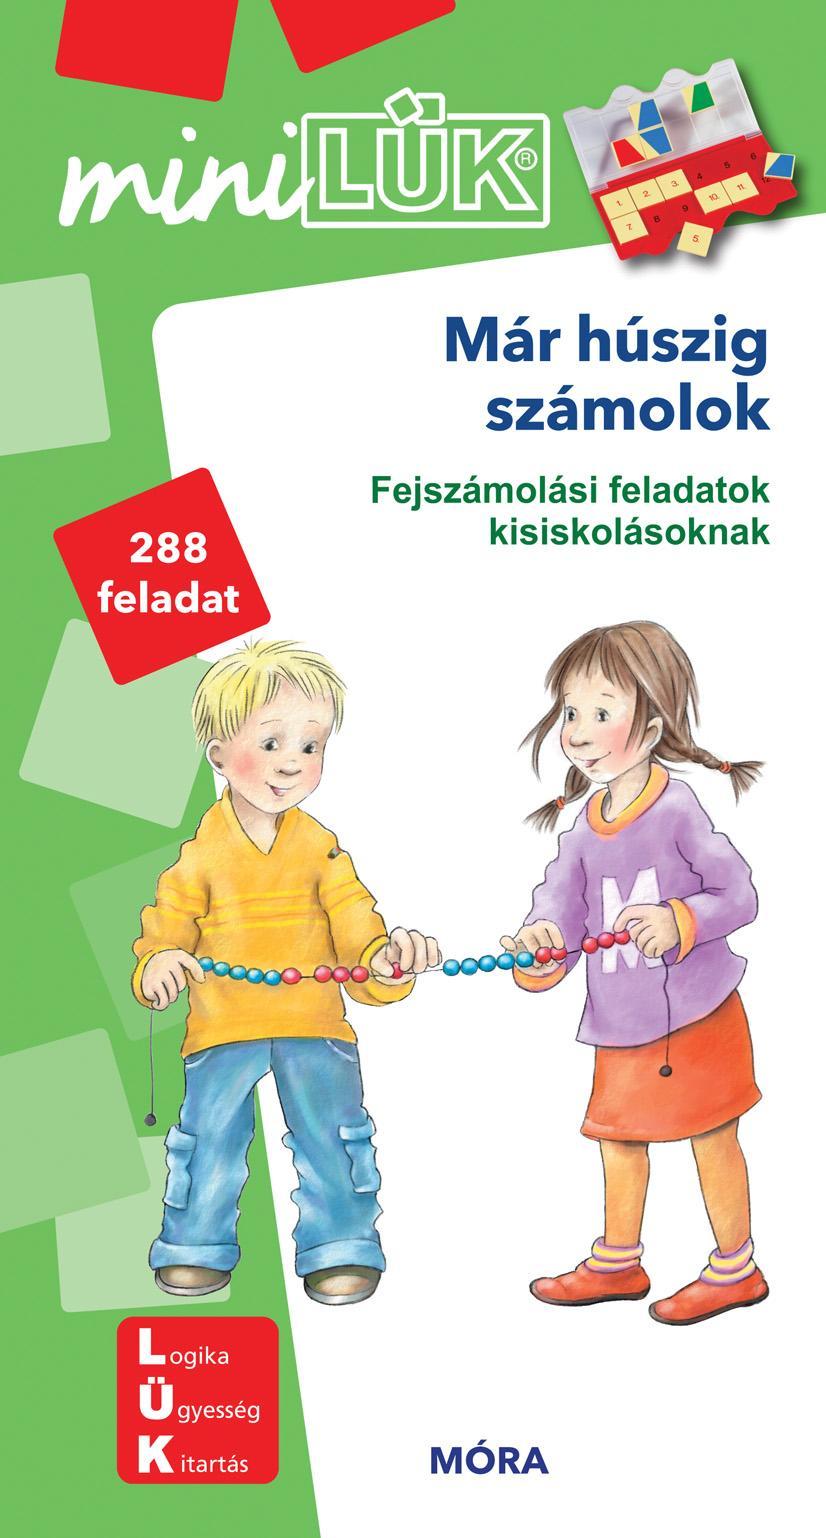 MÁR HÚSZIG SZÁMOLOK - FEJSZÁMOLÁSI FELADATOK KISISKOLÁSOKNAK LDI-207